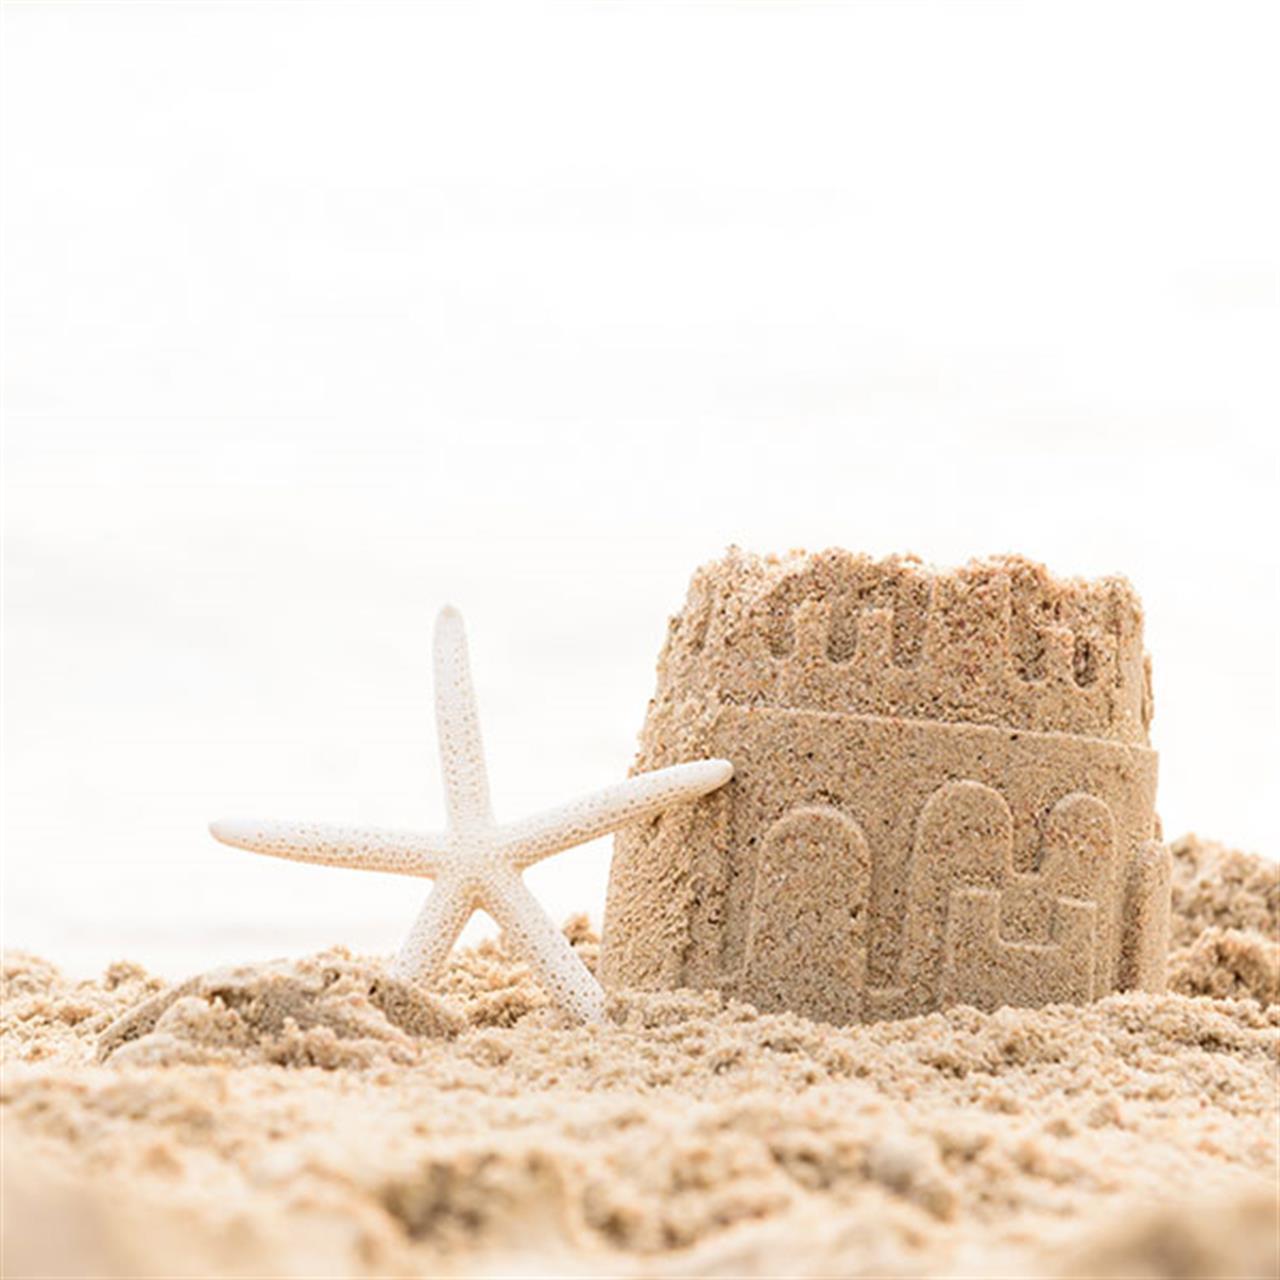 Beach Sand Sculptures Sandcastle Lessons